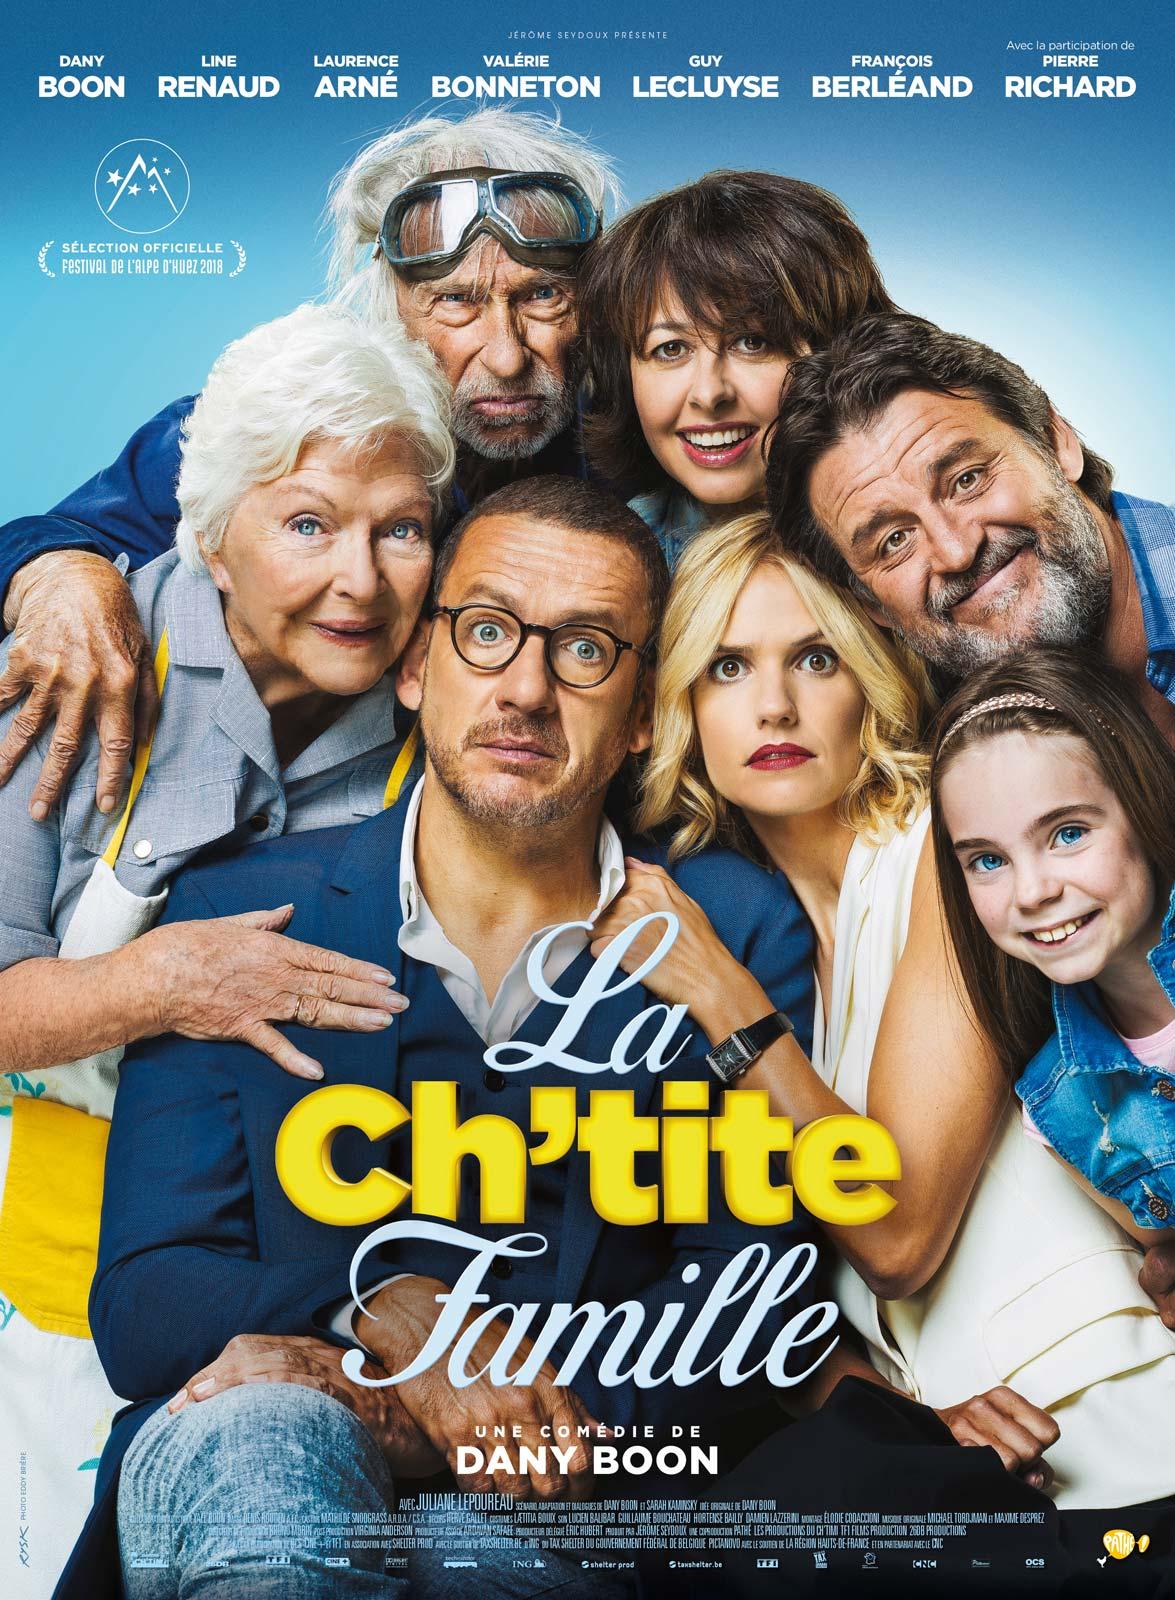 Acteurs De Bienvenue Chez Les Ch Tis : acteurs, bienvenue, Casting, Ch'tite, Famille, Réalisateurs,, Acteurs, équipe, Technique, AlloCiné